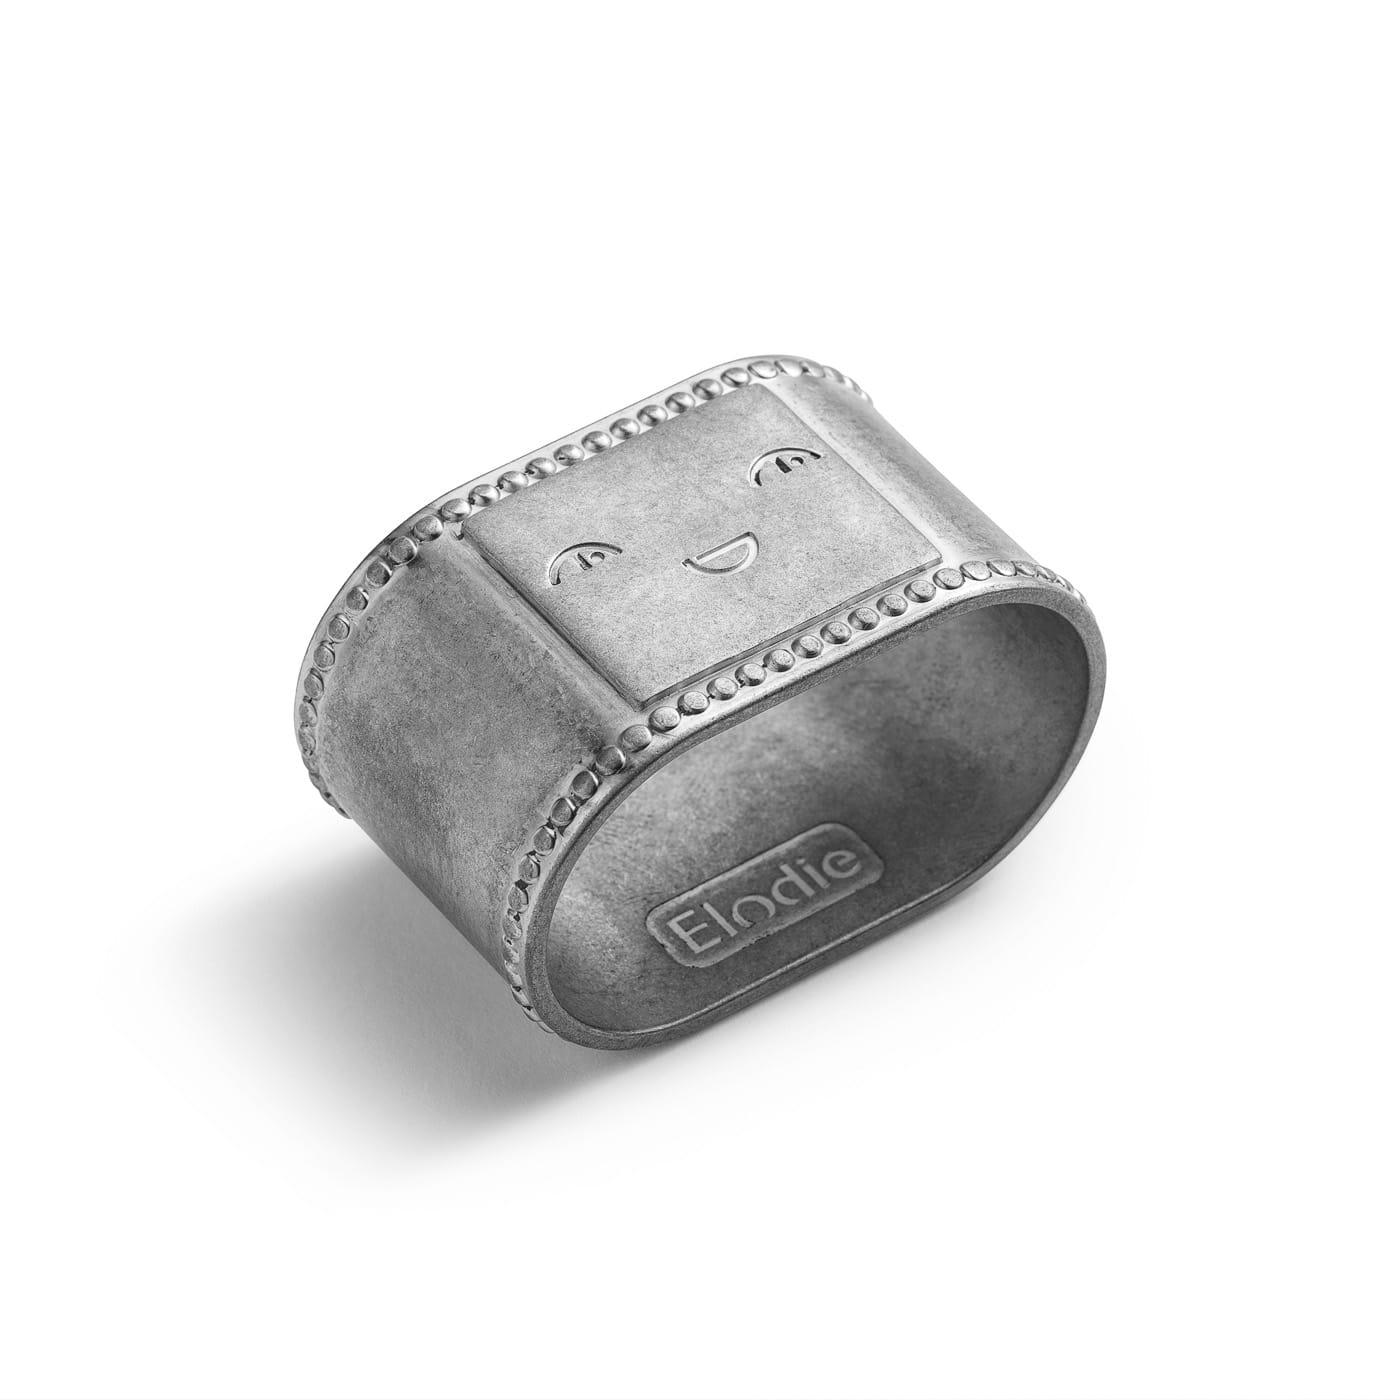 ELODIE DETAILS Κρίκος Πετσέτας Φαγητού Elodie Details Antique Silver